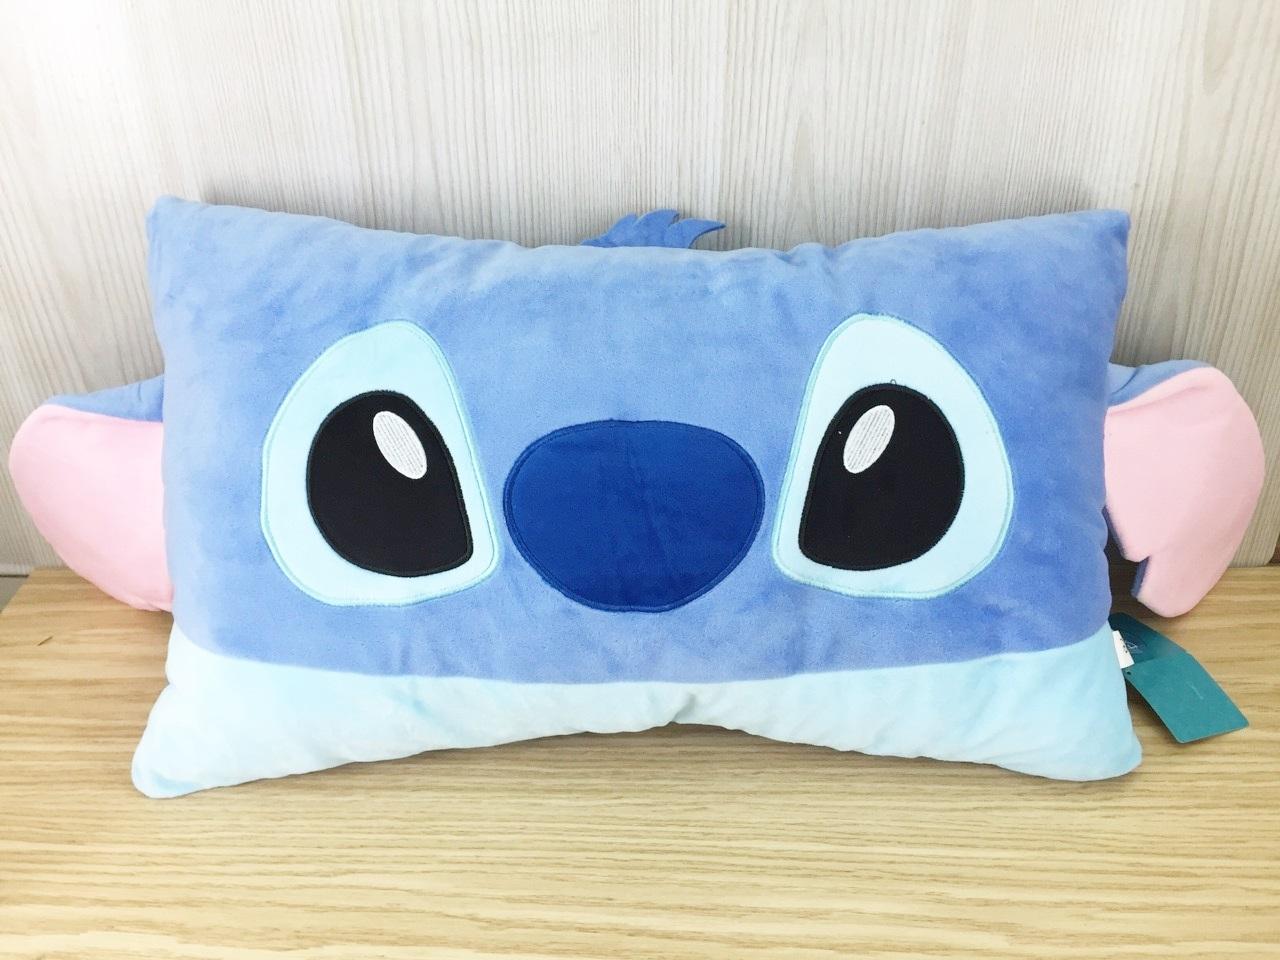 【真愛日本】15121800004 大臉雙人枕-史迪奇 迪士尼 星際寶貝 史迪奇 抱枕 靠枕 枕頭 娃娃